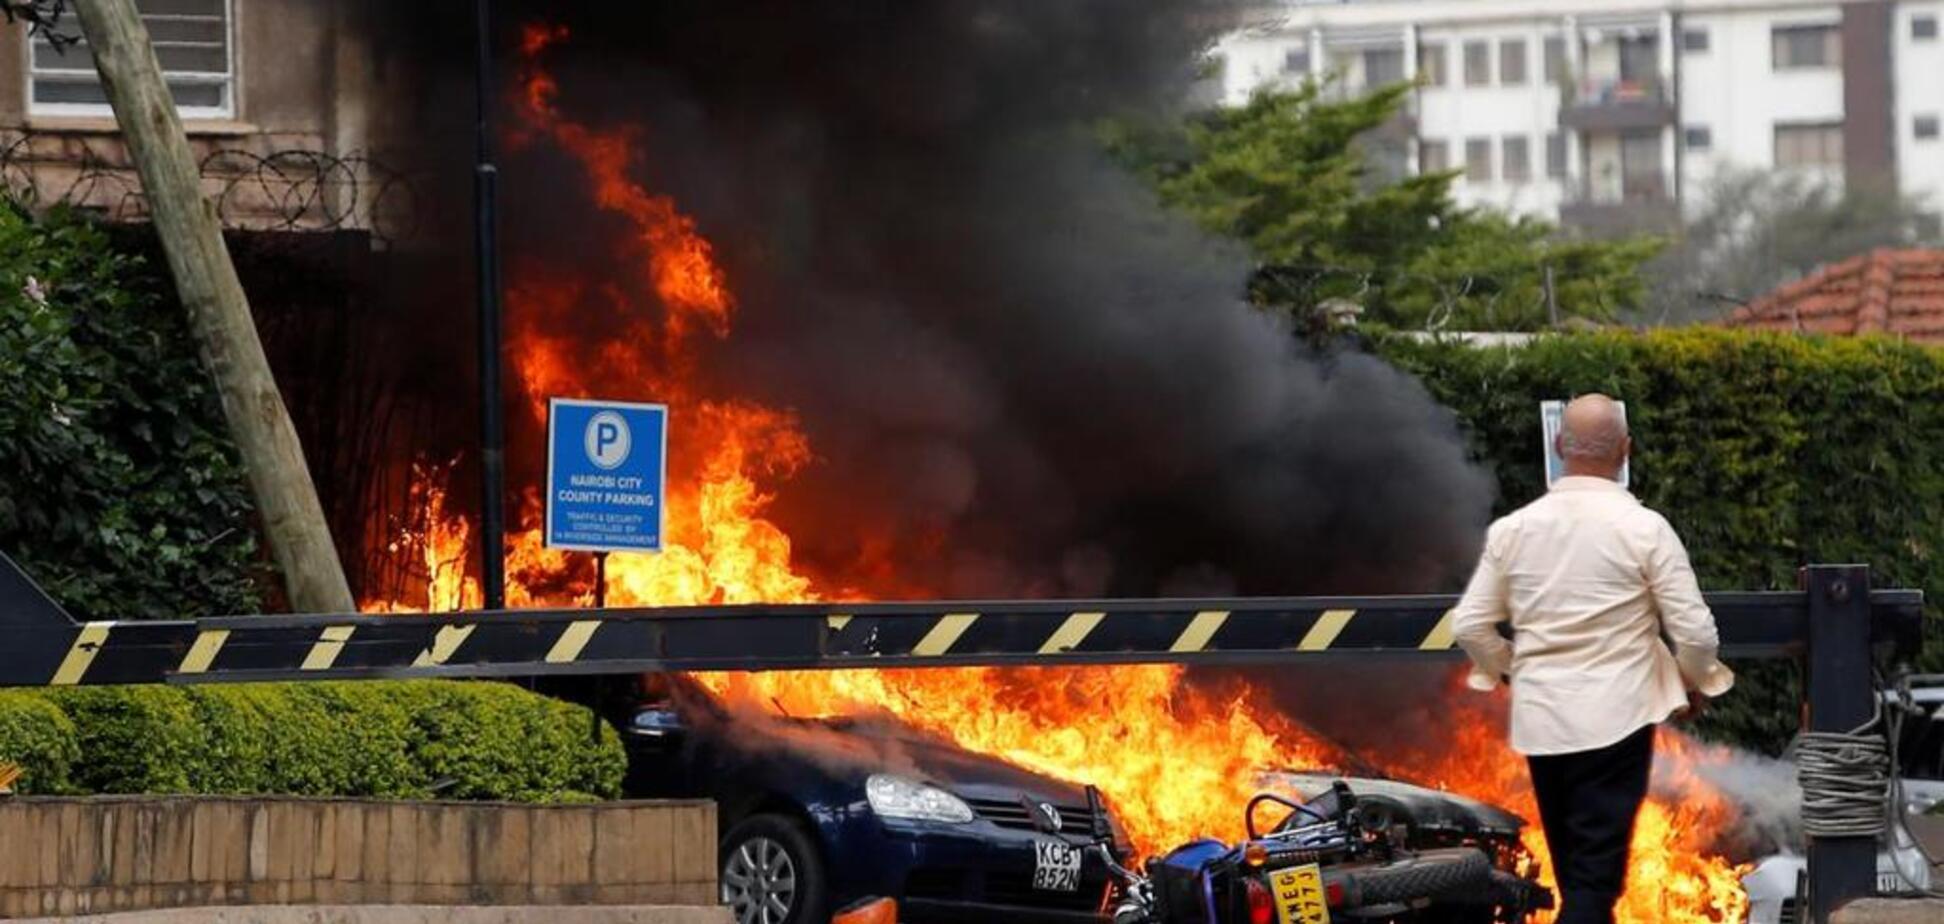 В Кении террористы устроили ад в роскошном отеле: 15 жертв, 30 раненых. Фото и видео теракта